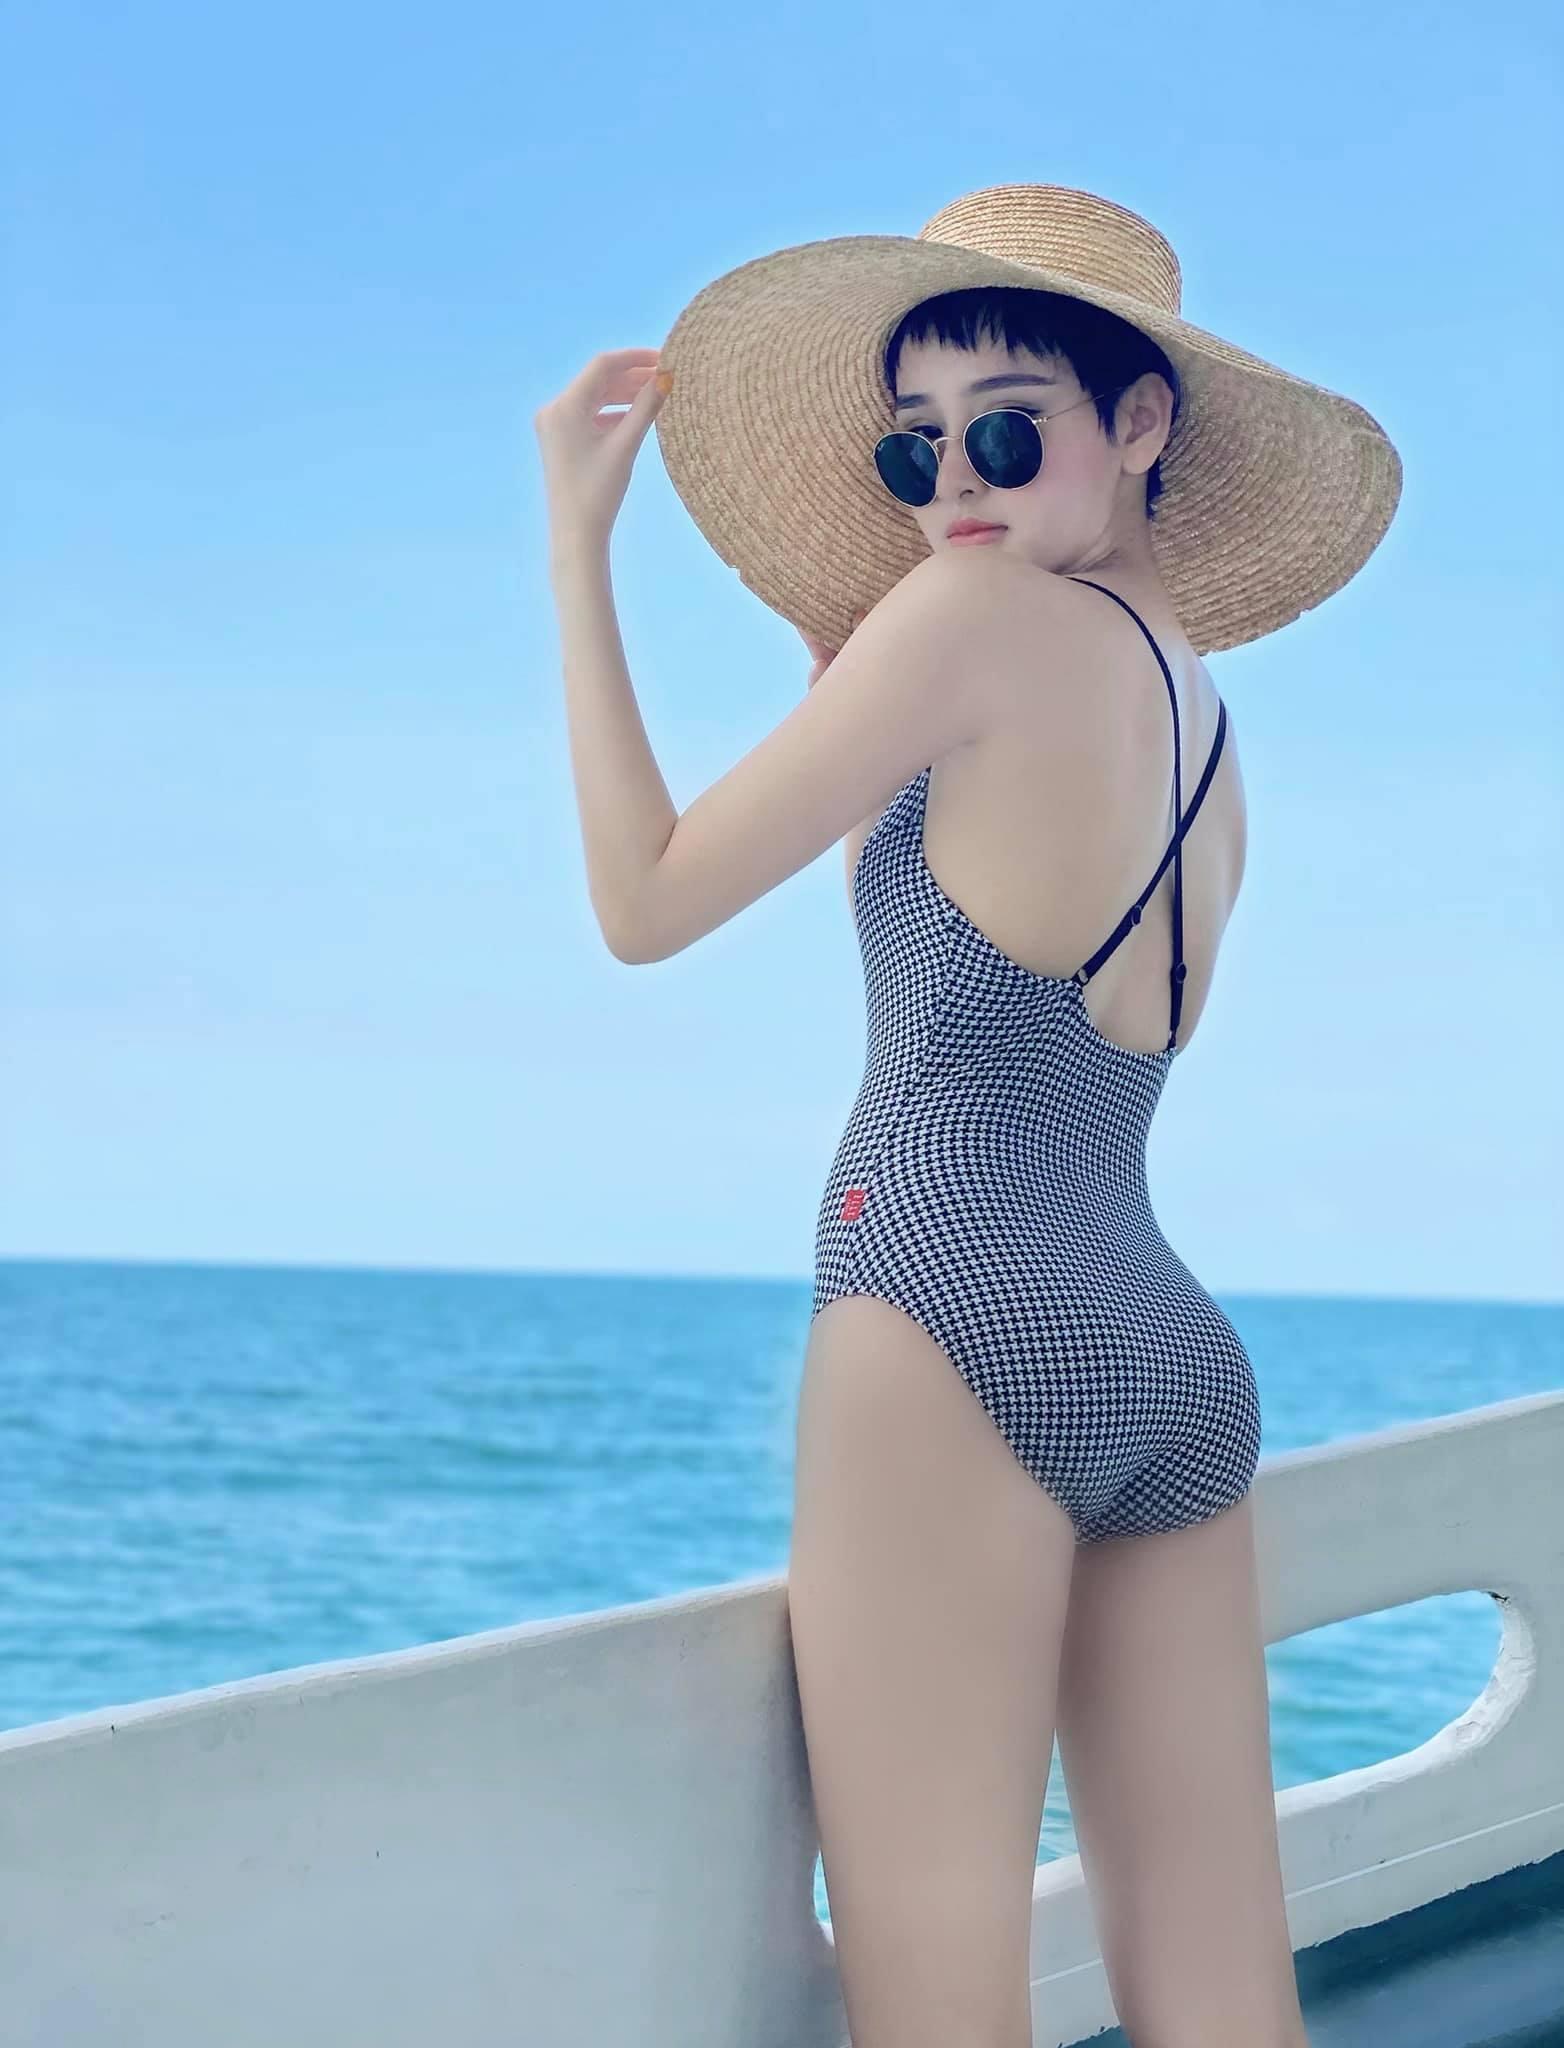 Làn da trắng nõn, vẻ đẹp hơi hướng cổ điển của Hiền Hồ rất hợp với những bộ đồ tắm theo phong cách retro.